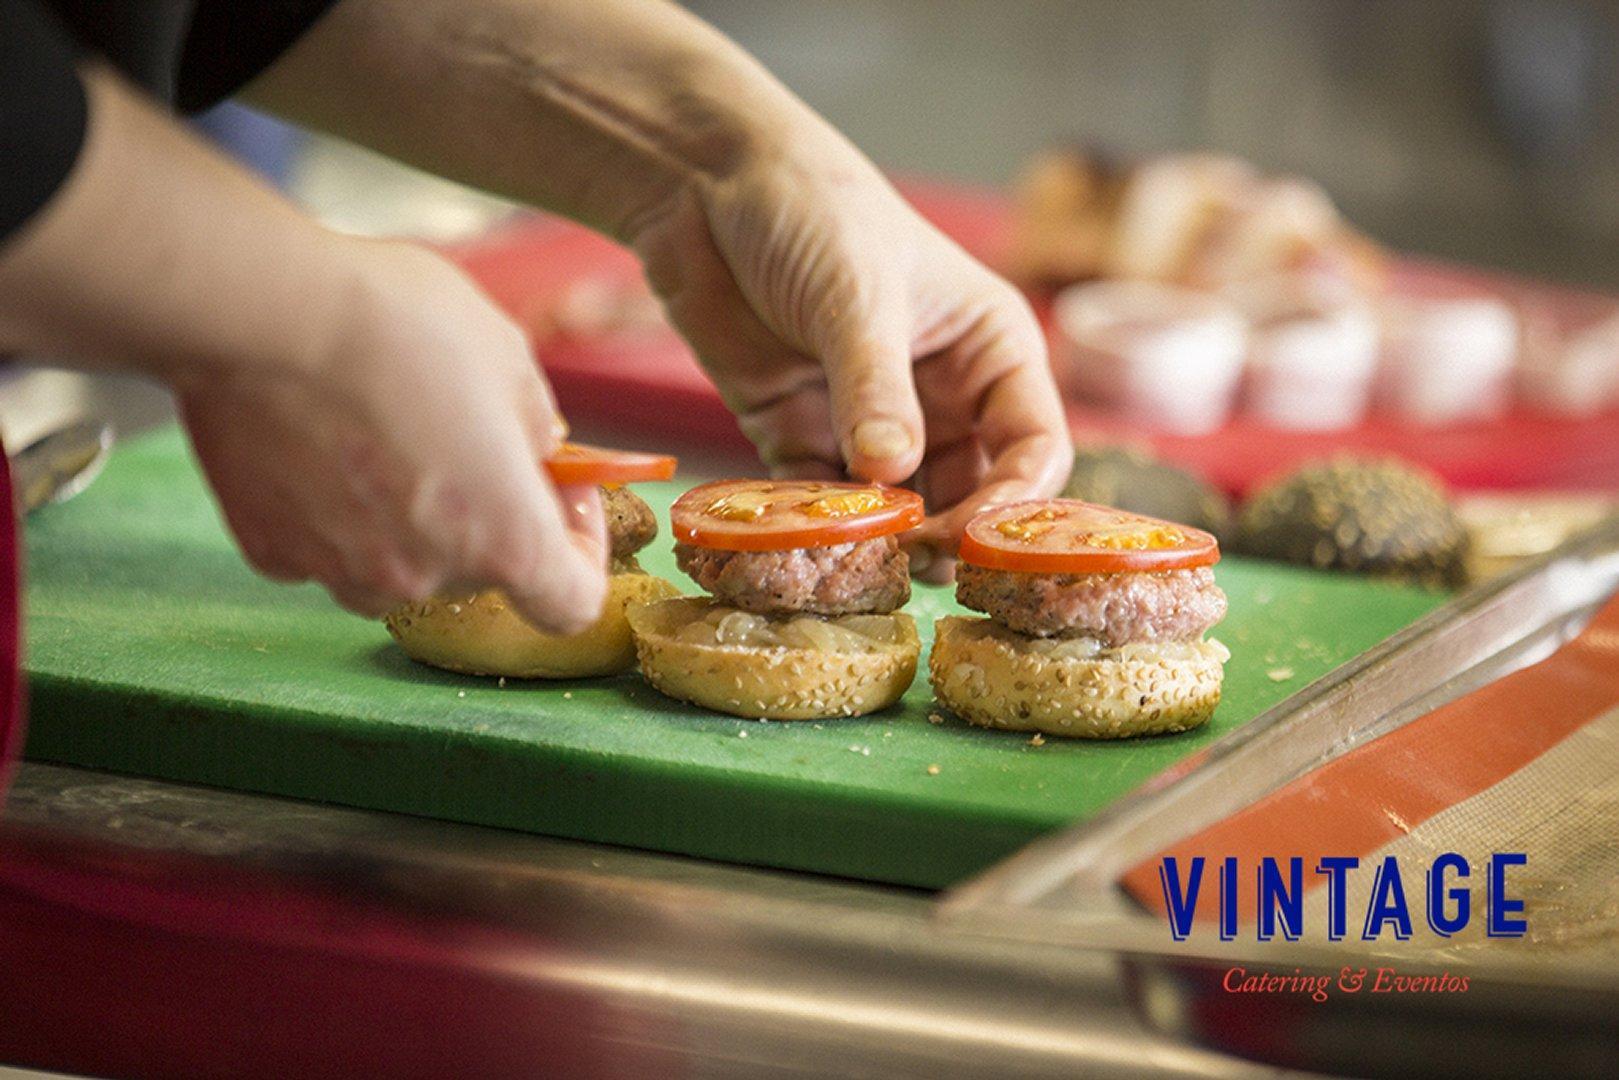 Vintage Catering & Eventos Nuestro Catering